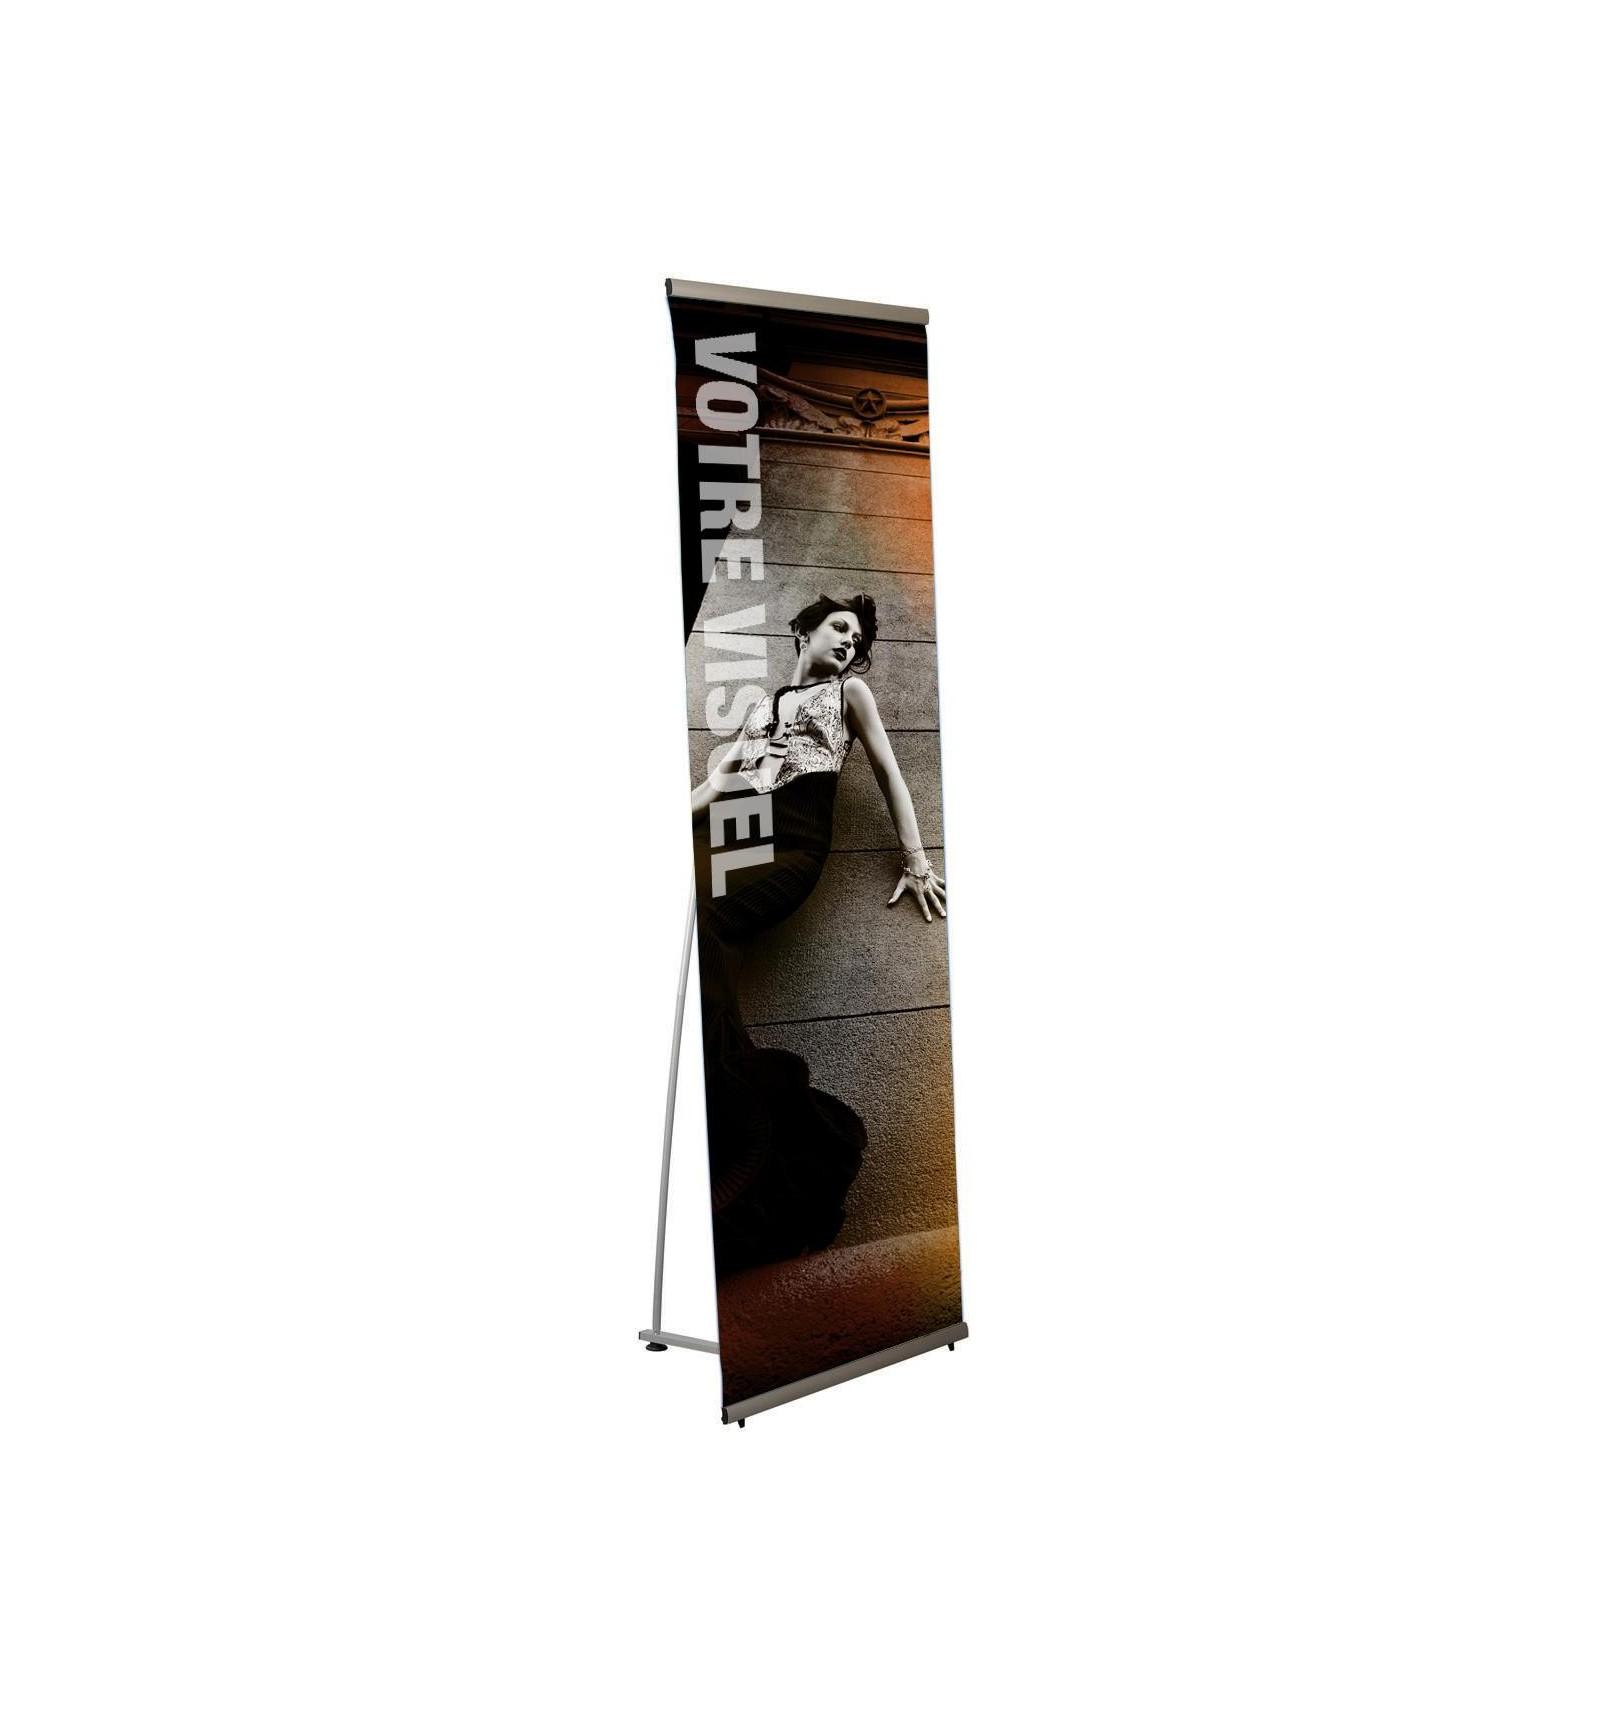 Porte affiche conomique mon presentoir for Porte affiche exterieur